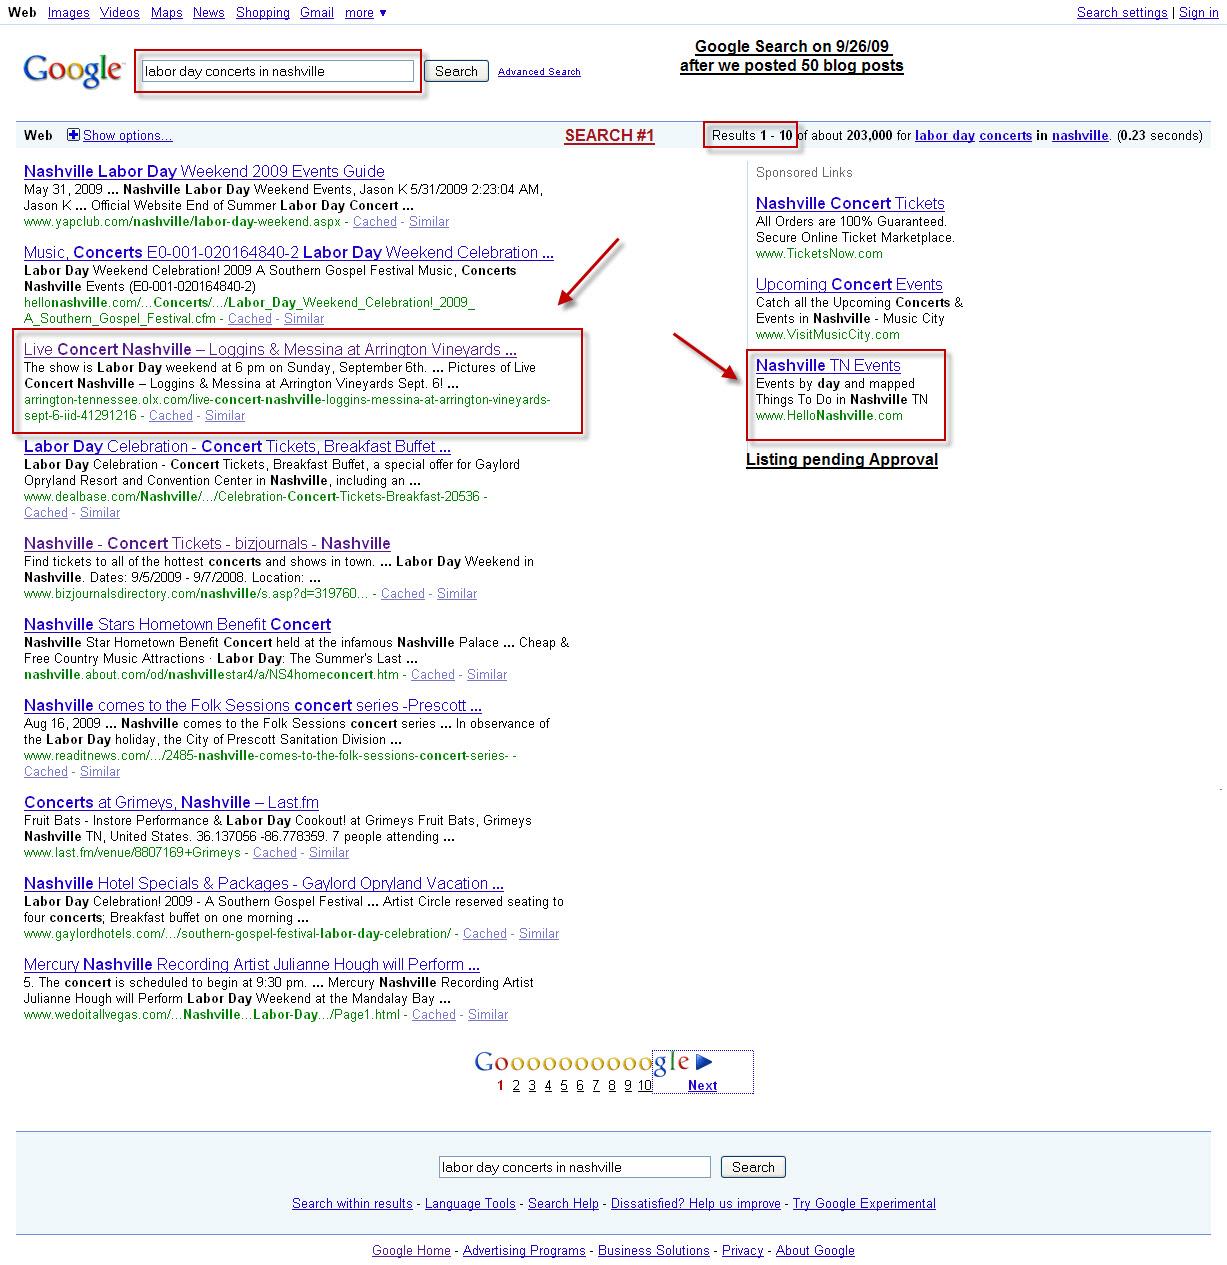 Event Posts Google Result #3 of 200k